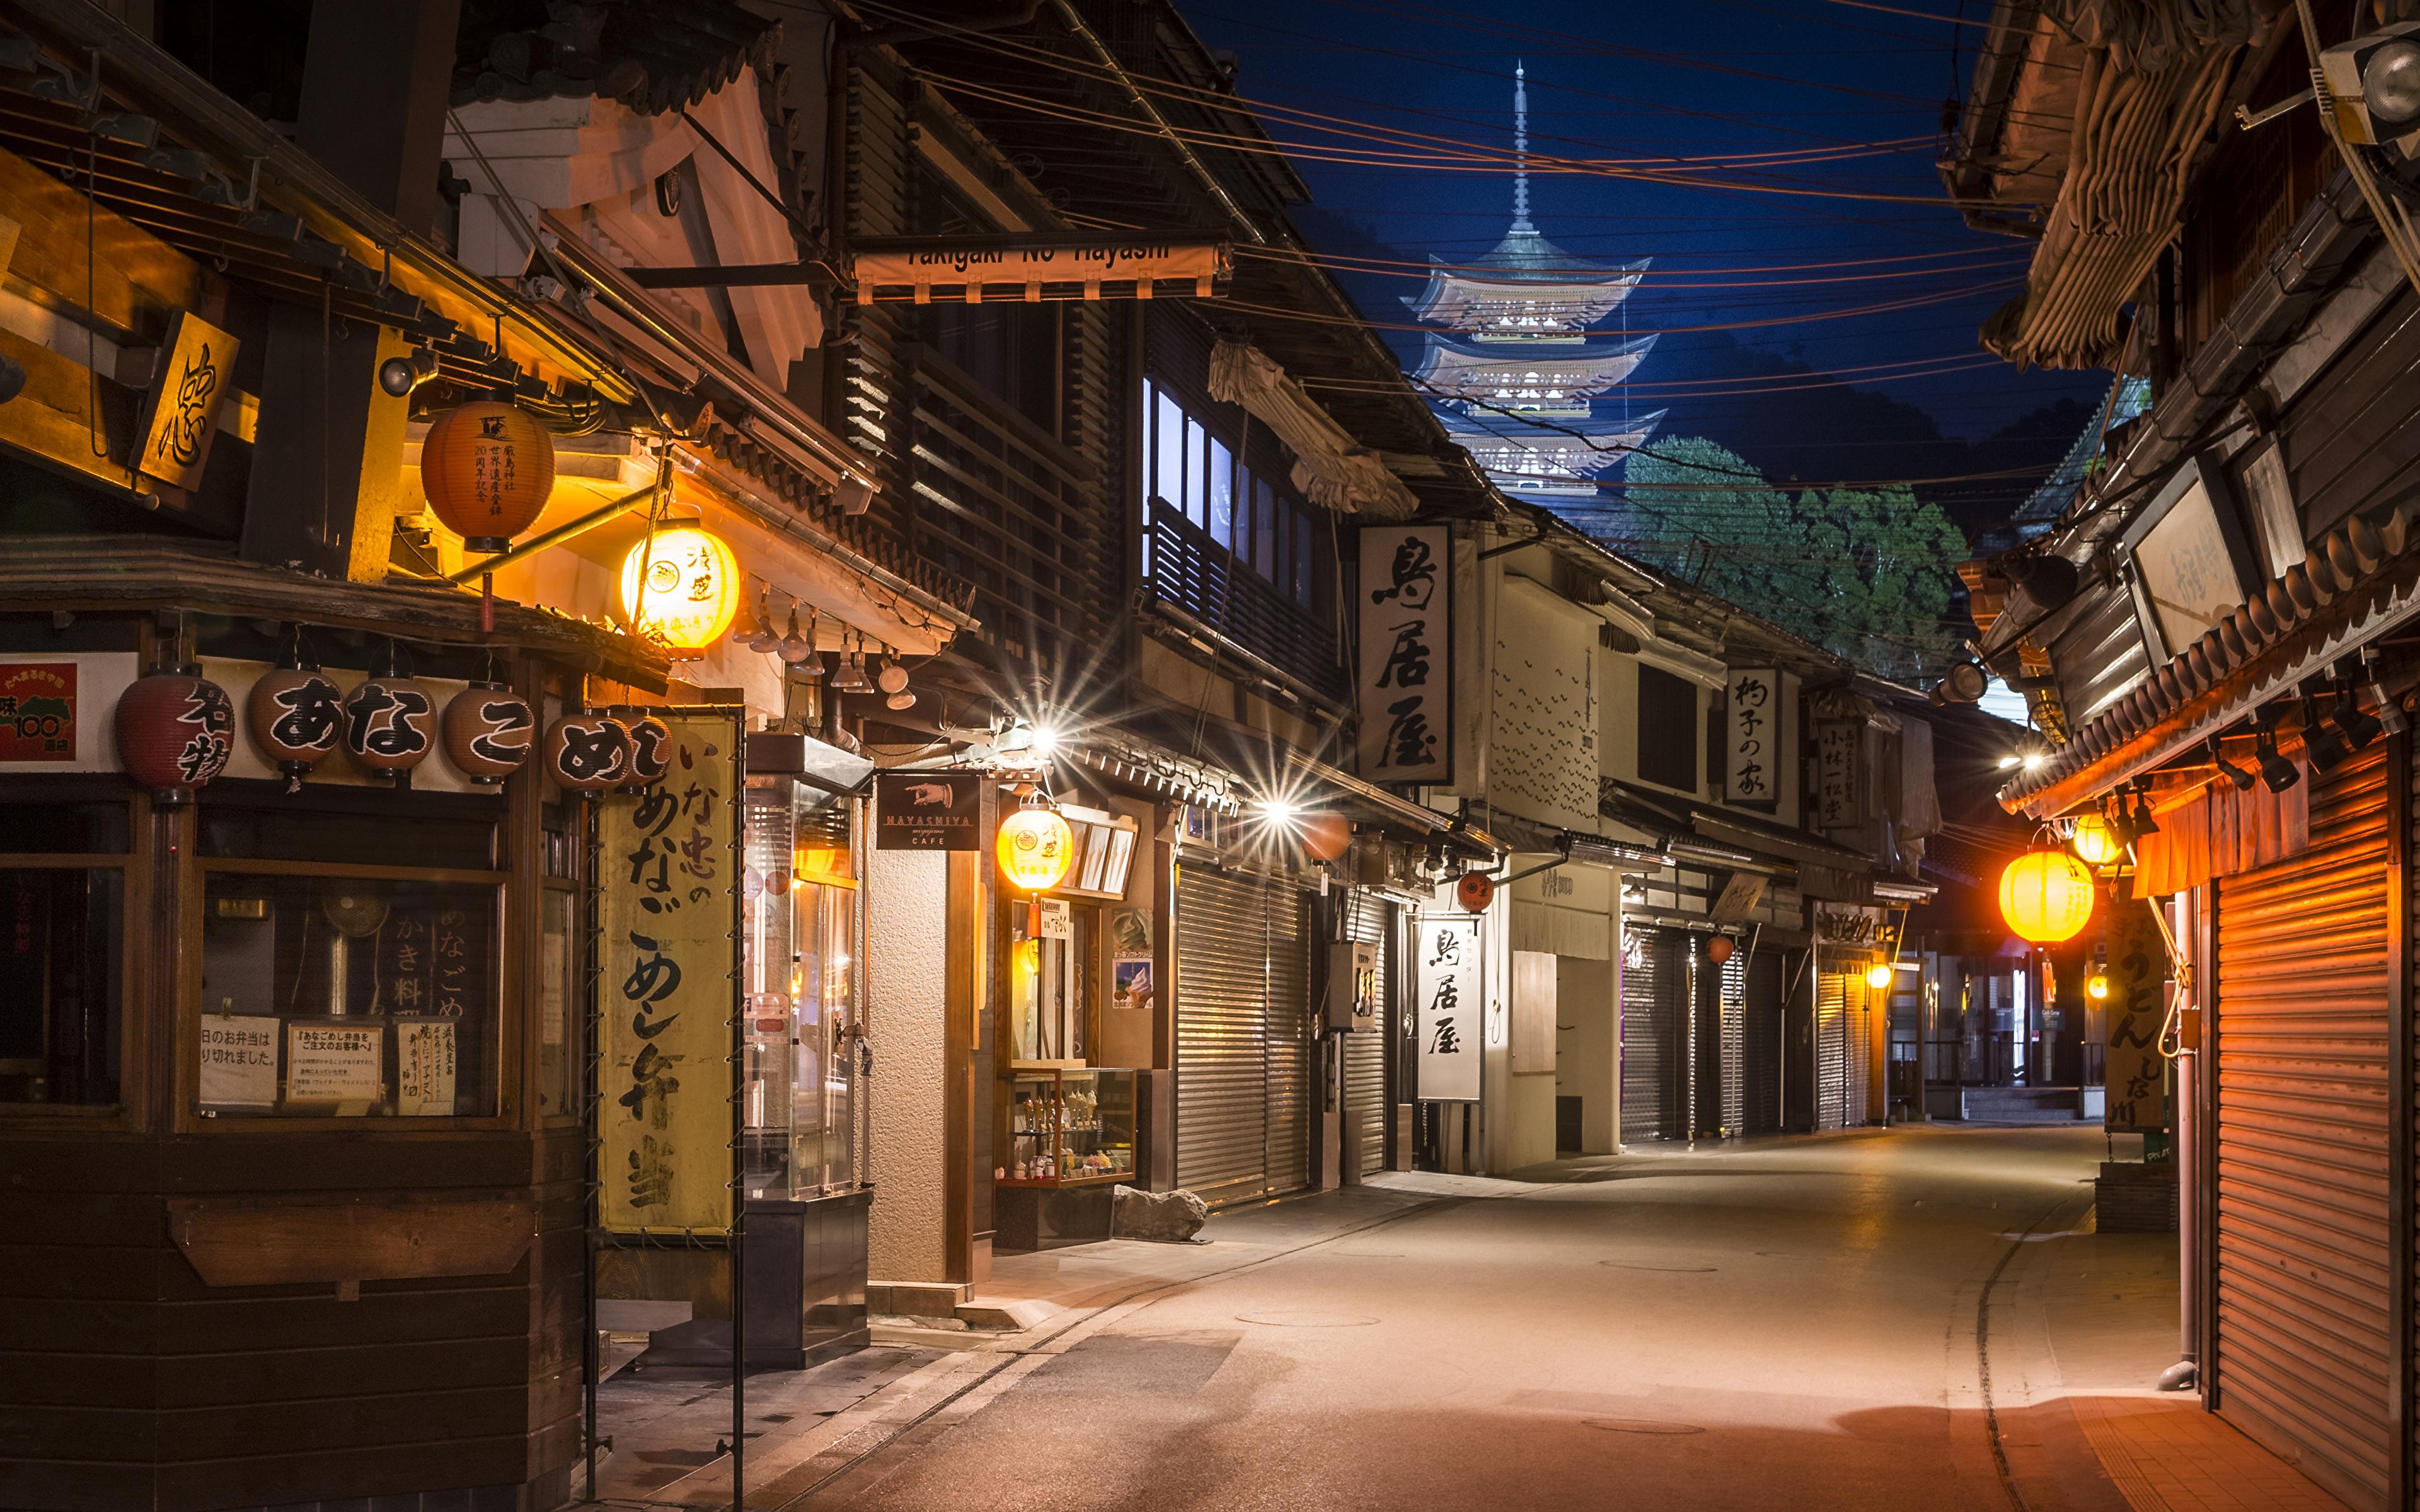 Image Japan Miyajima Street Night Street lights Cities 3840x2400 3840x2400